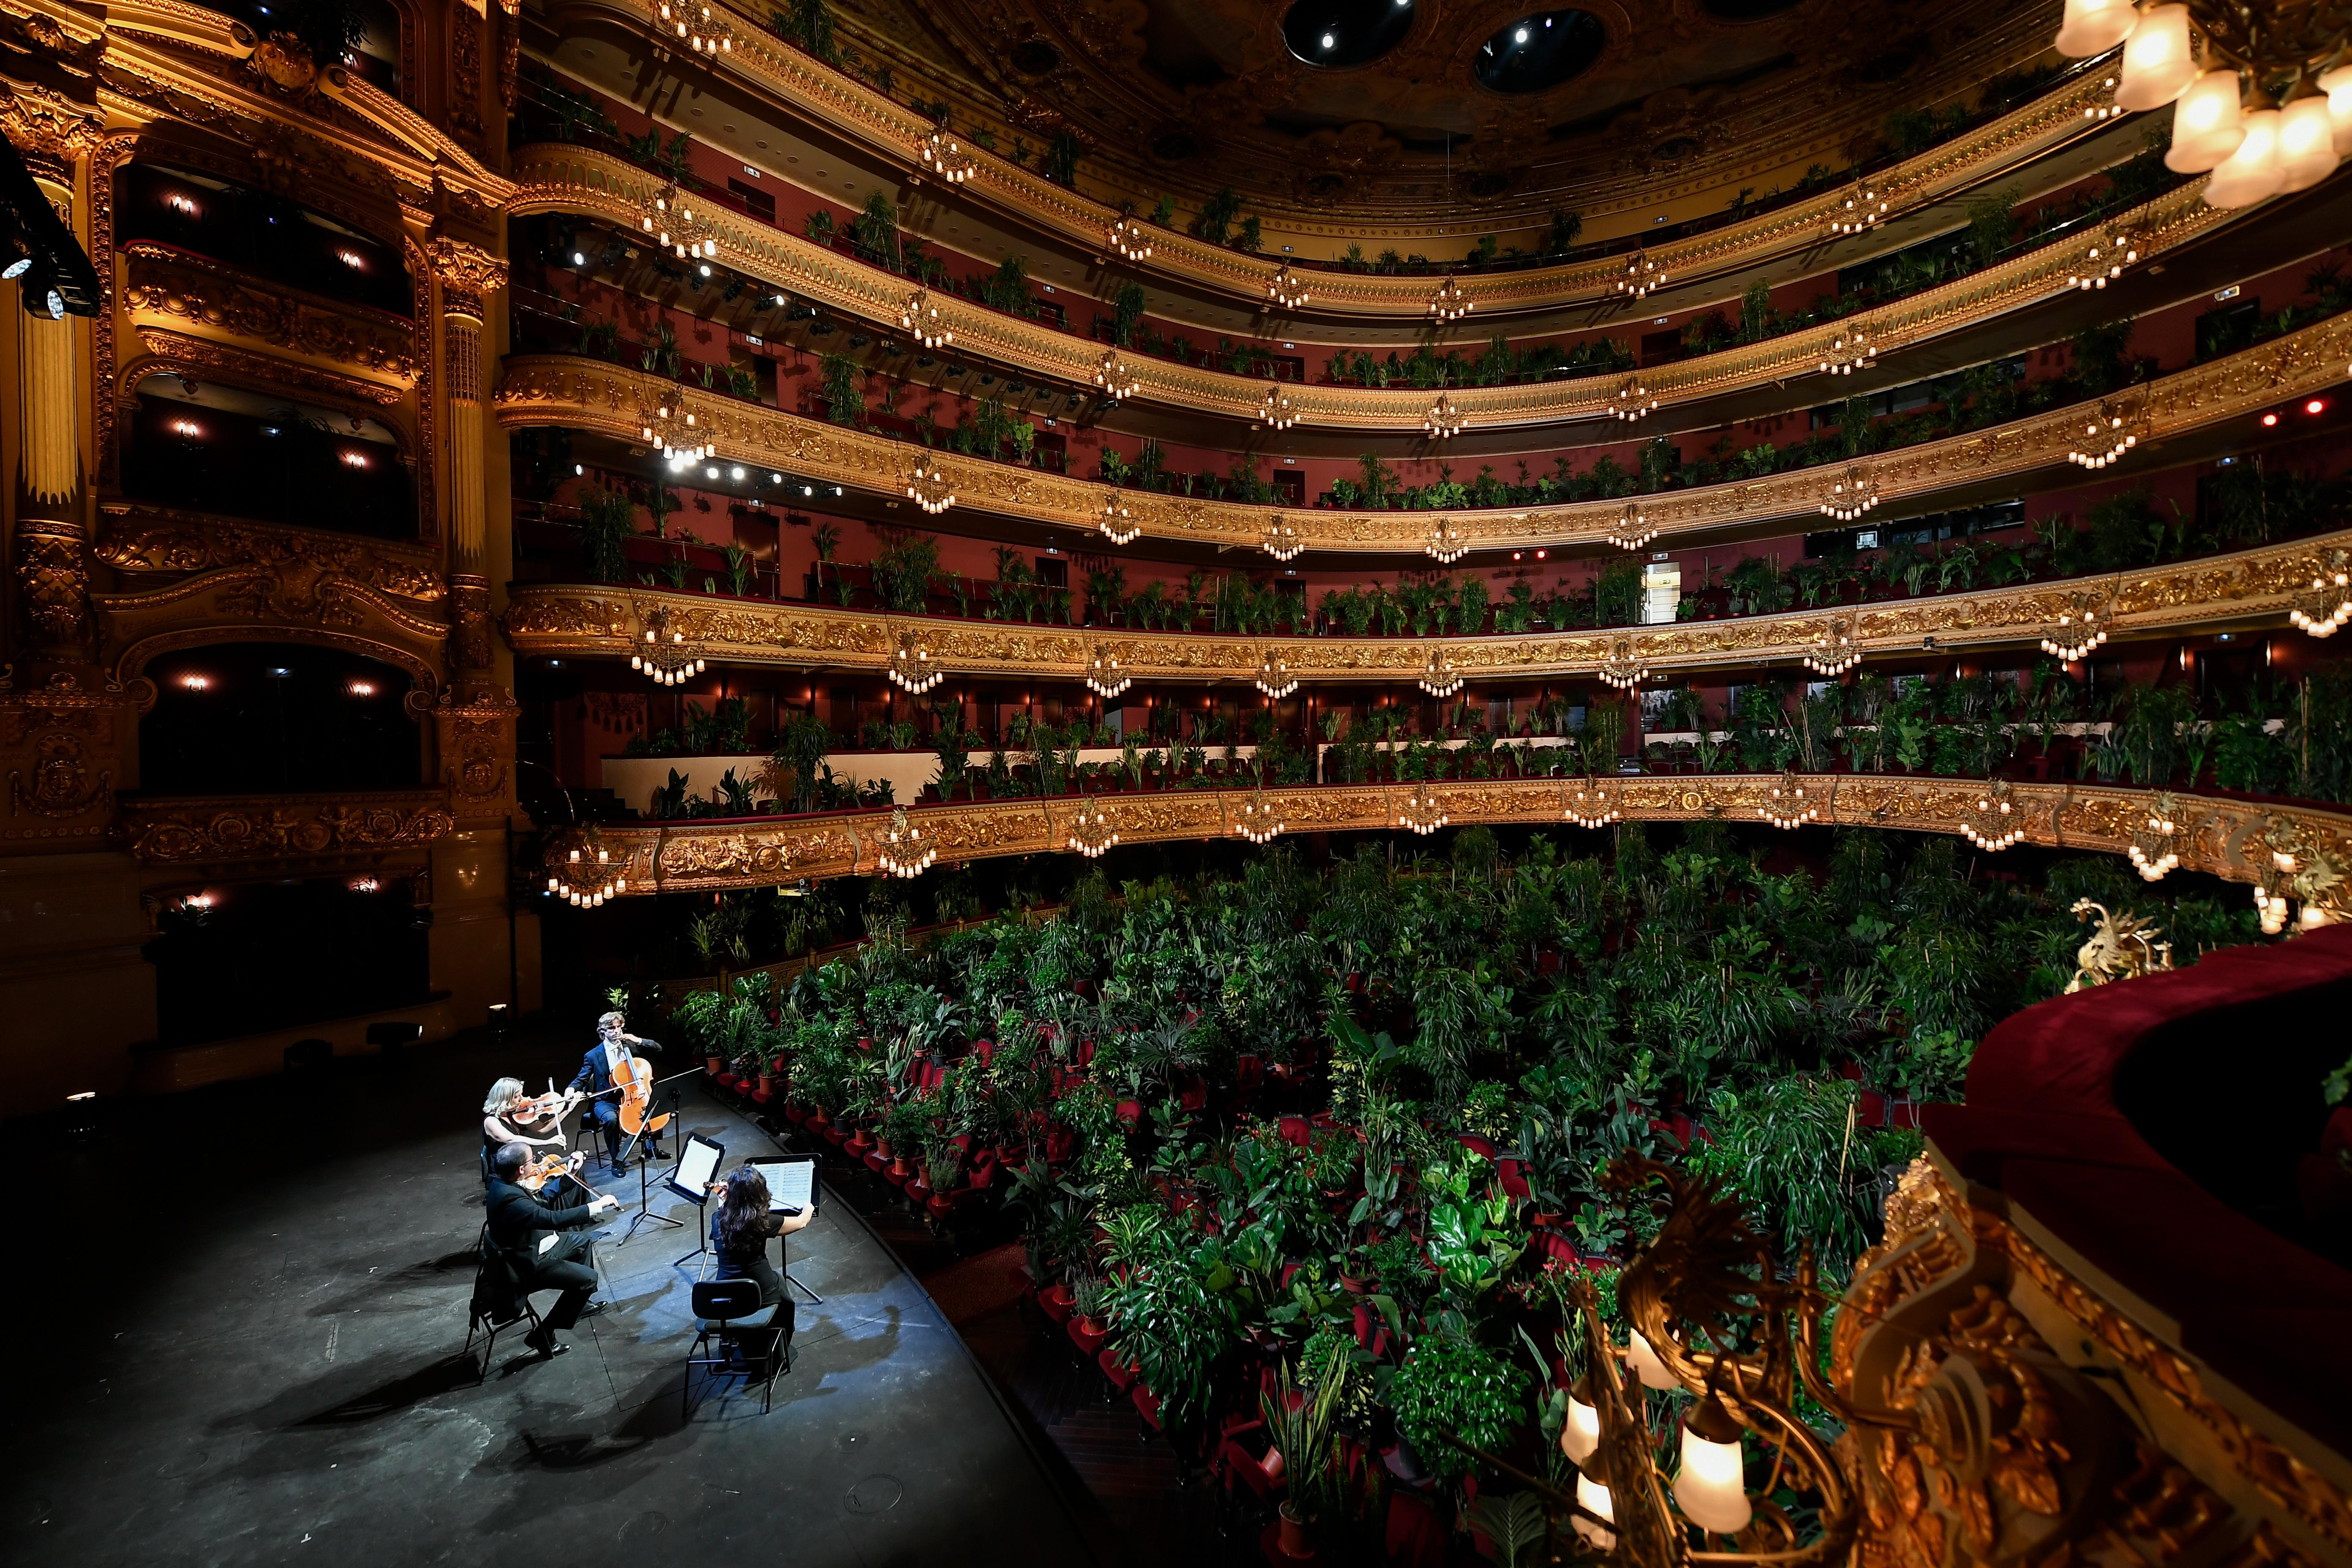 Szobanövényeknek adtak koncertet a barcelonai operában